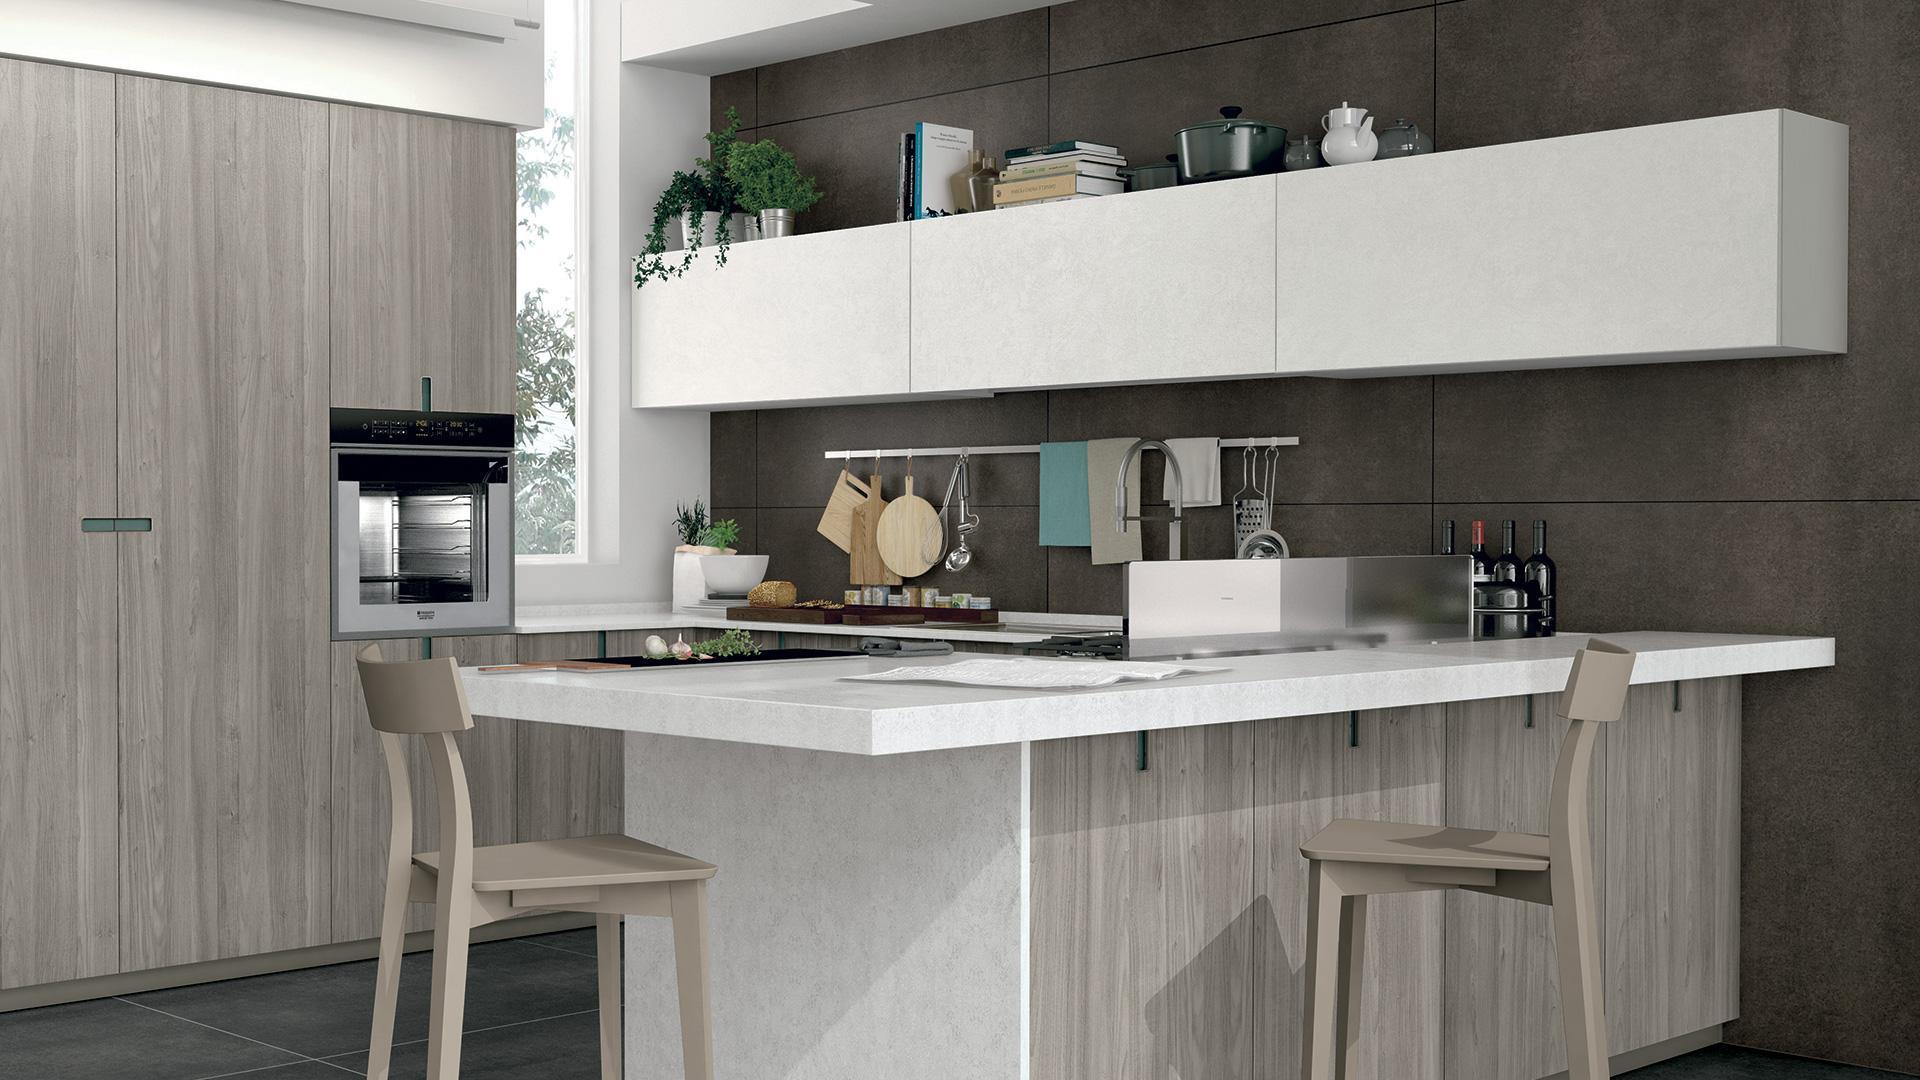 Piccole cucine moderne awesome cucine piccole economiche ikea piccole ikea cucine mercatone uno - Cucine ikea economiche ...